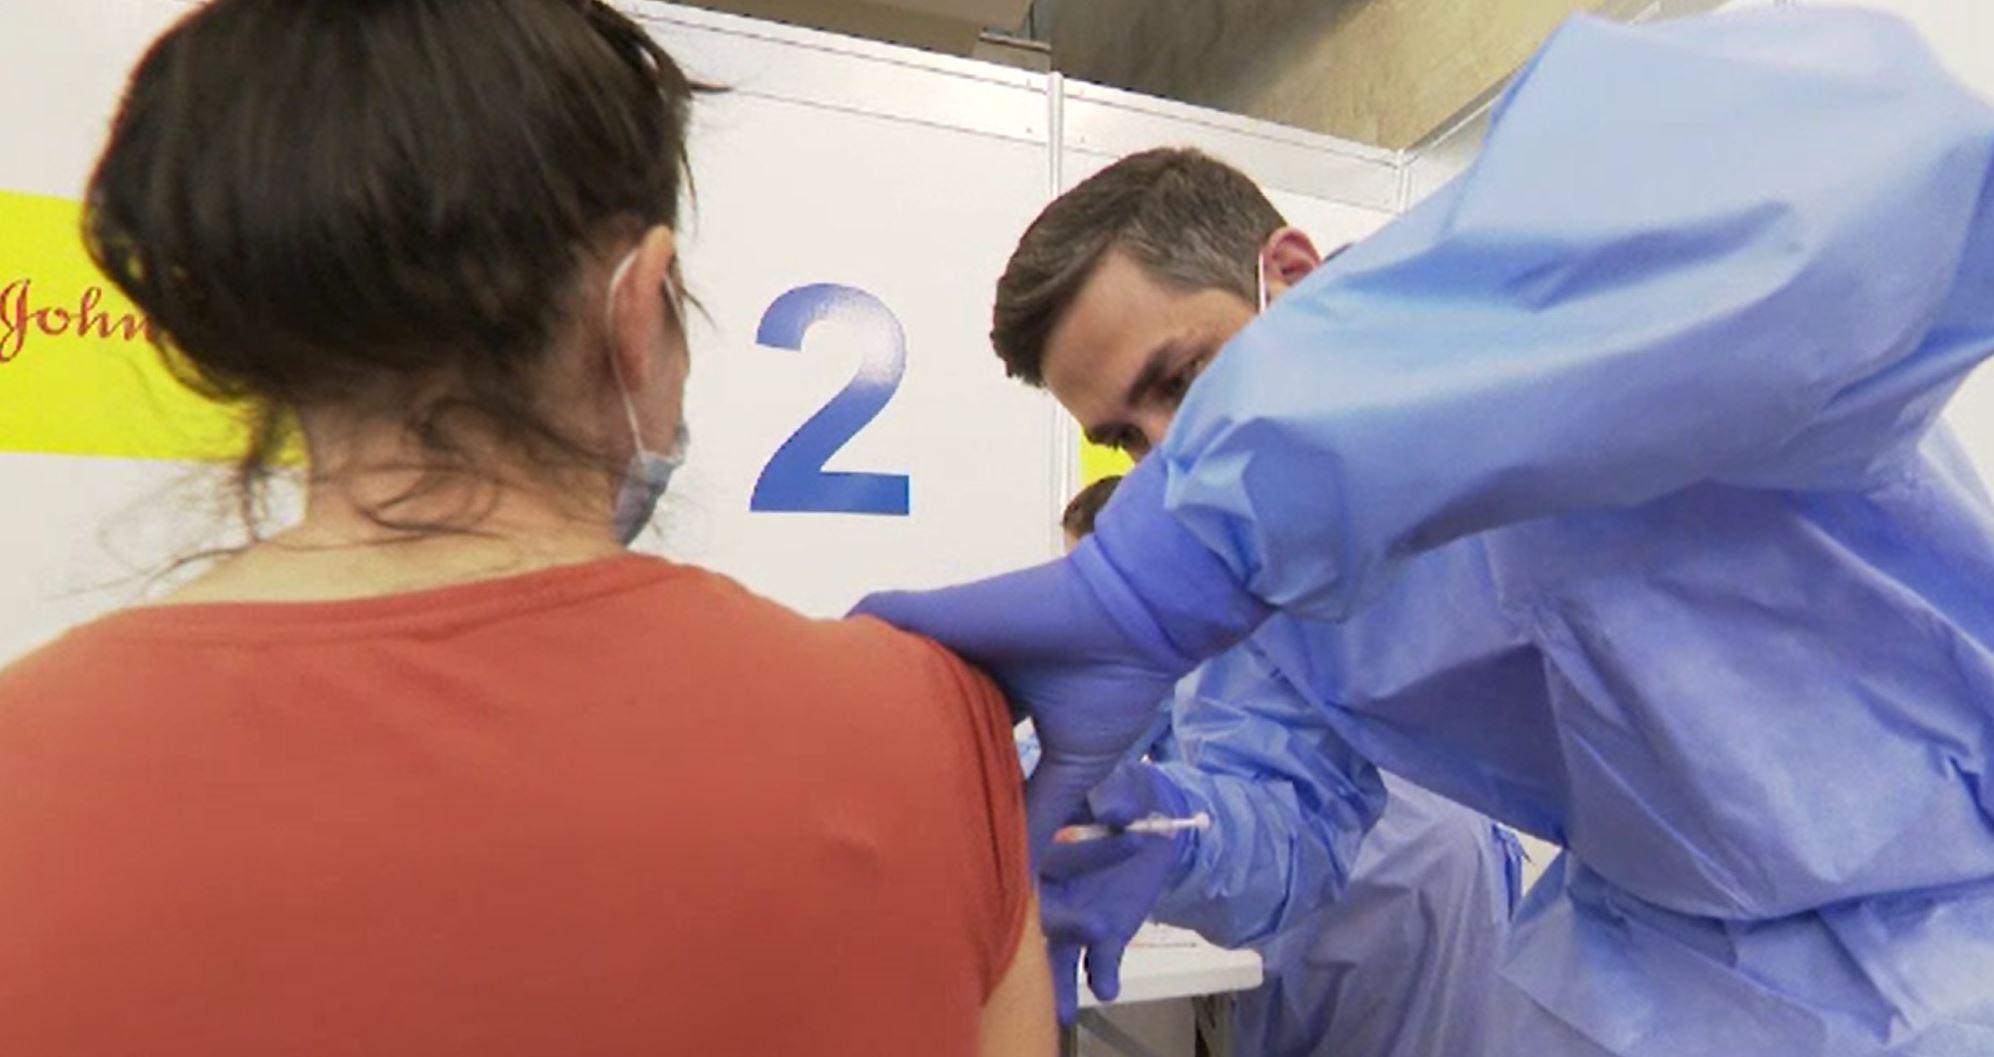 Continuă maratonul de vaccinare anti-COVID. De la 1 iunie pot primi serul și adolescenții cu vârste între 12 și 15 ani